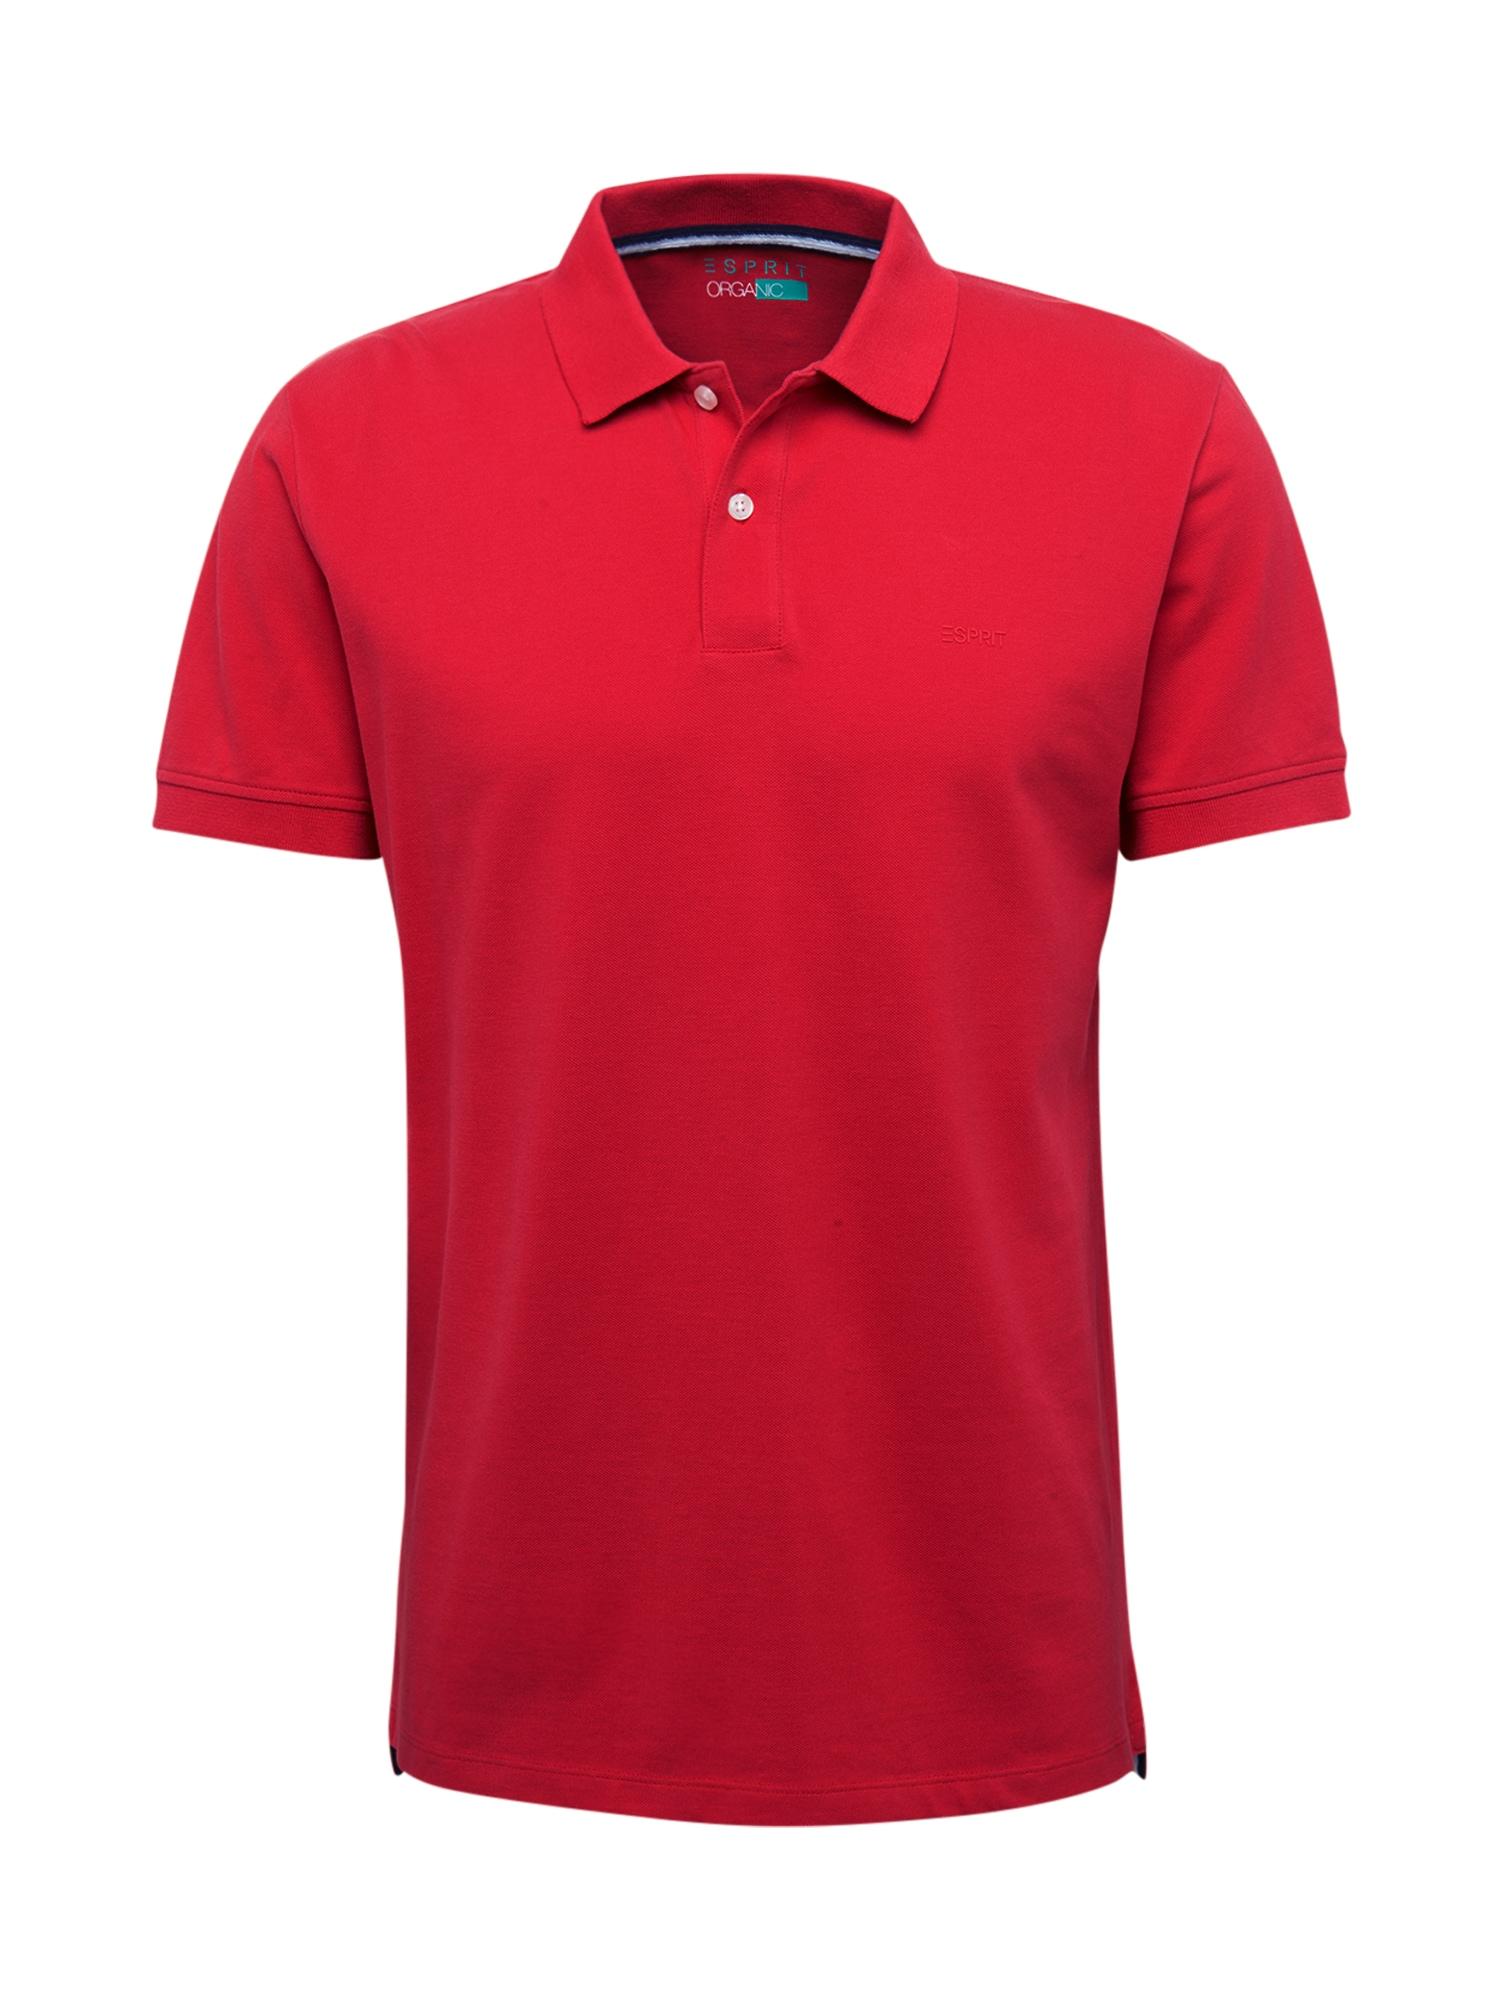 ESPRIT Marškinėliai 'OCS N pi po ss' raudona